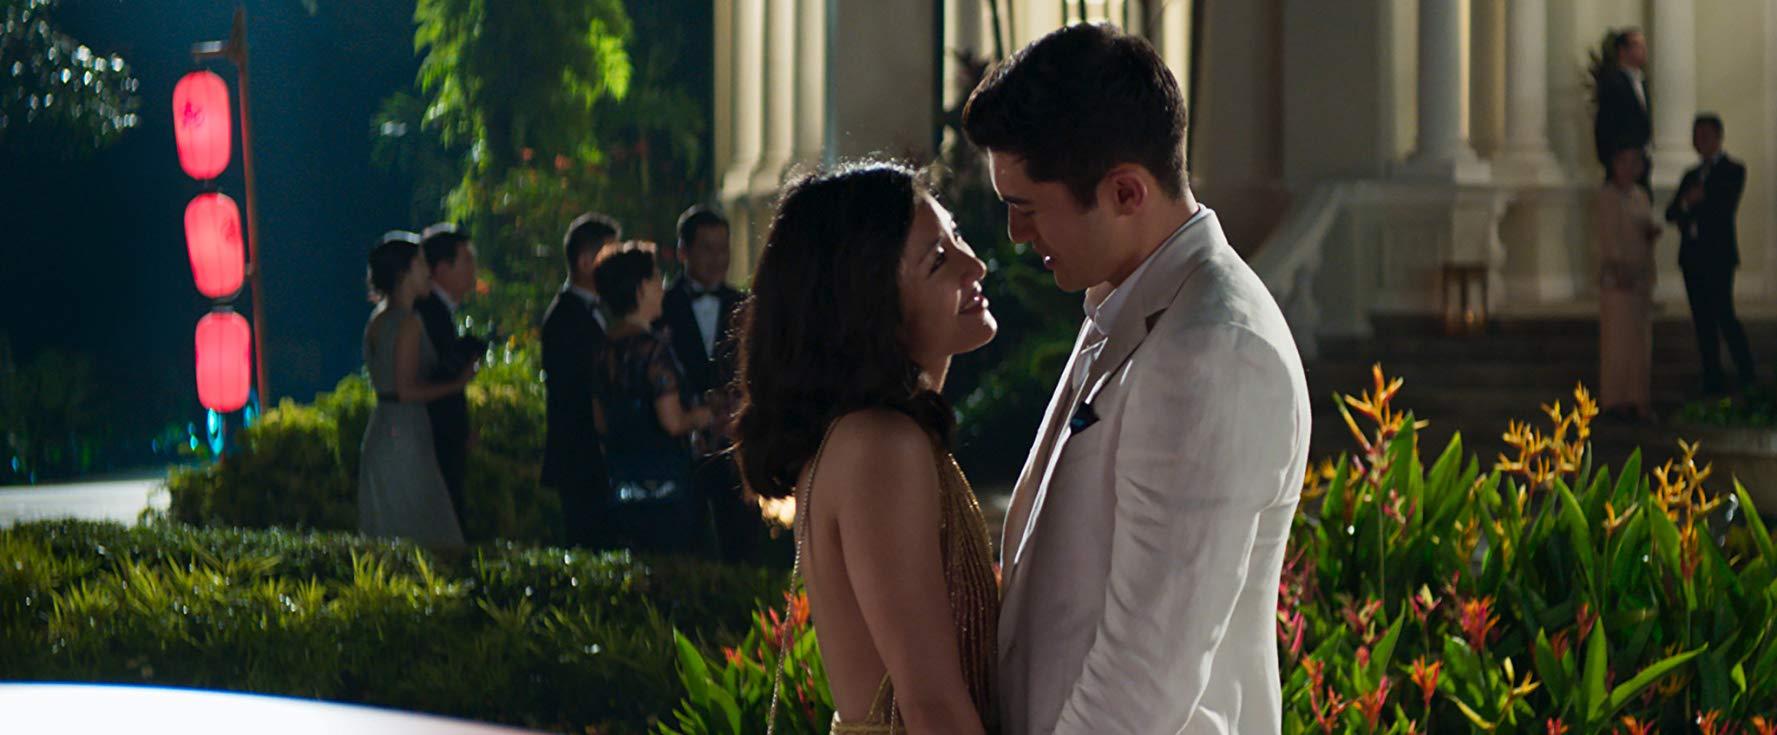 「 有錢到爆 」的名流戀愛故事 :《 瘋狂亞洲富豪 》電影劇照 。